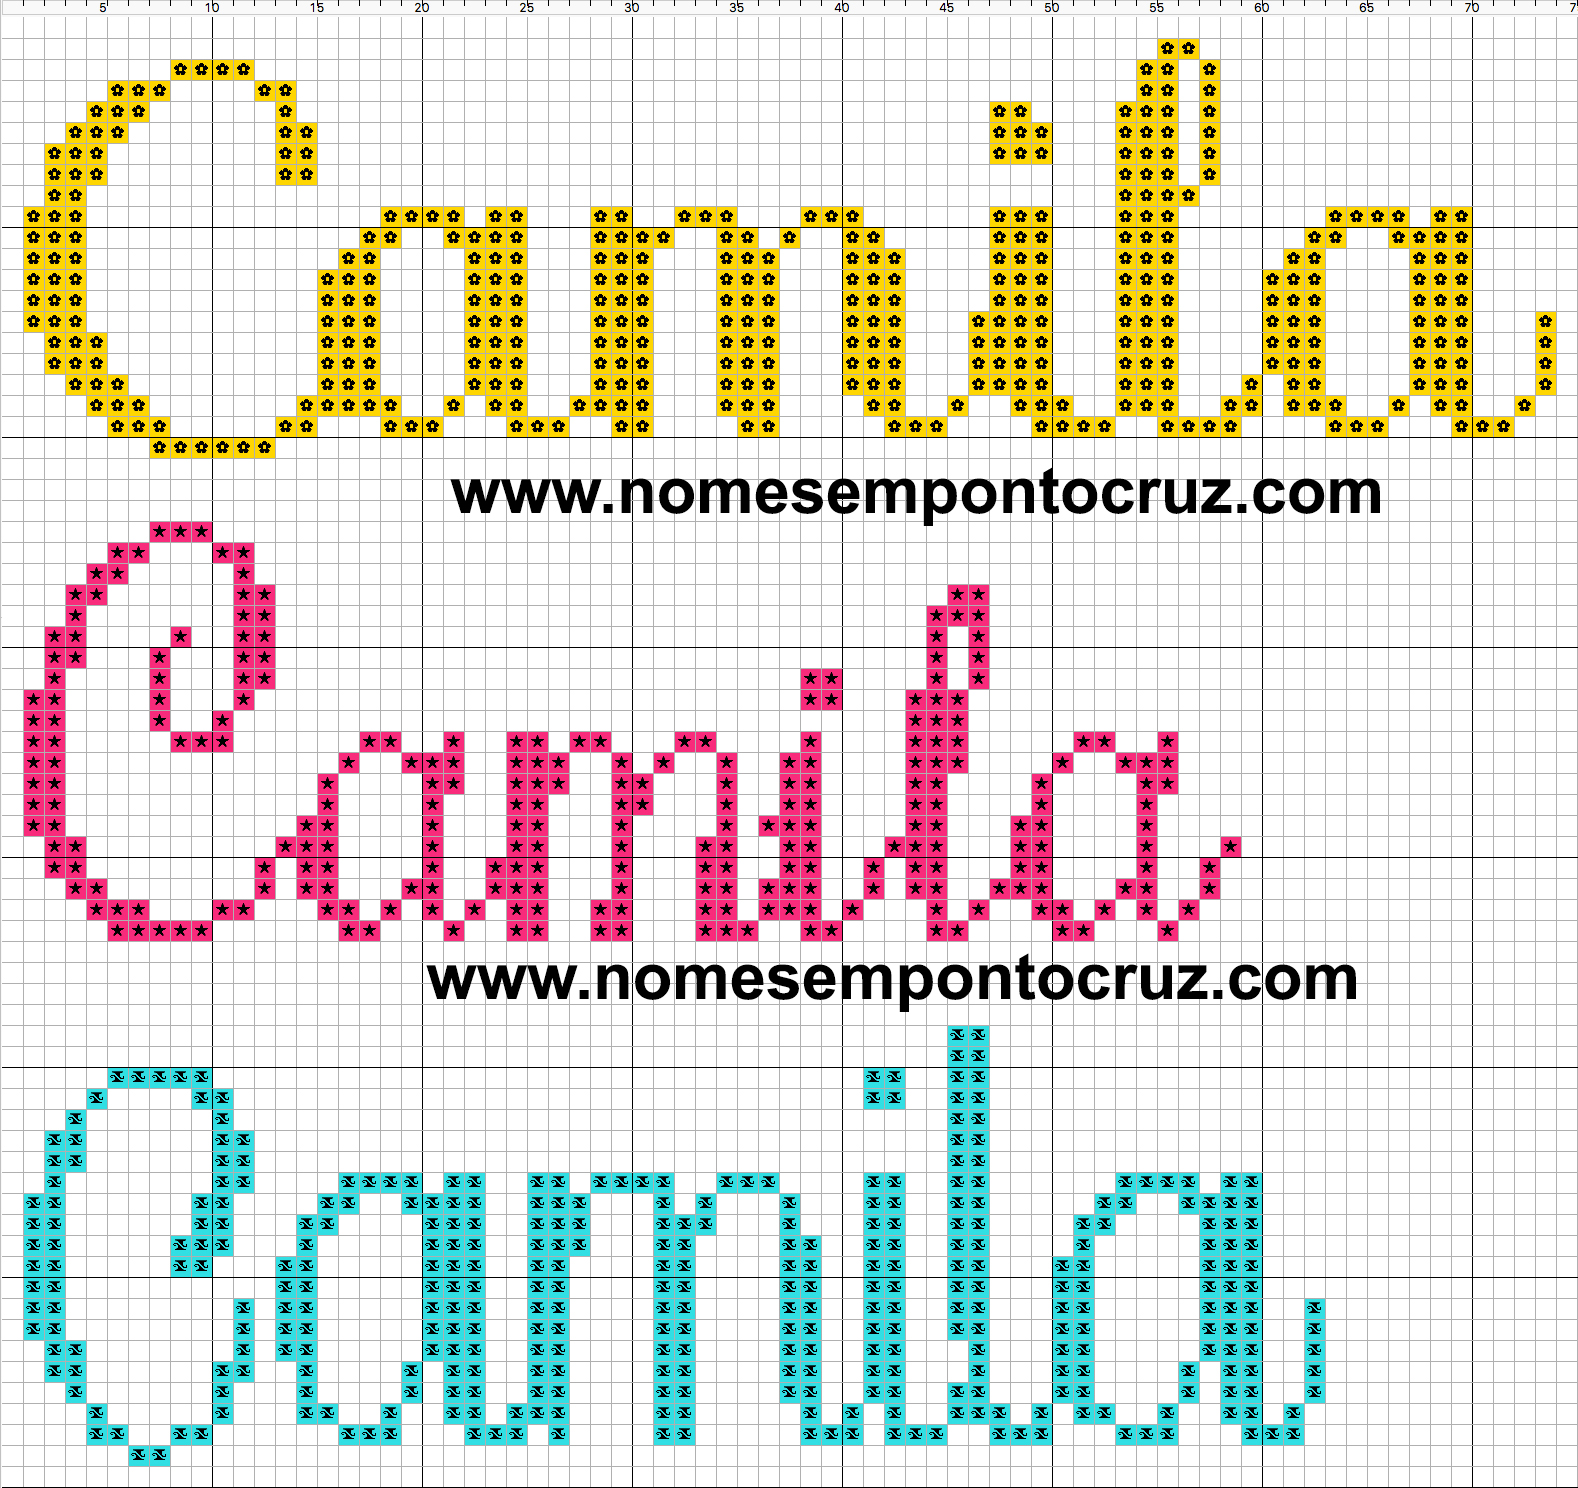 Camila 1